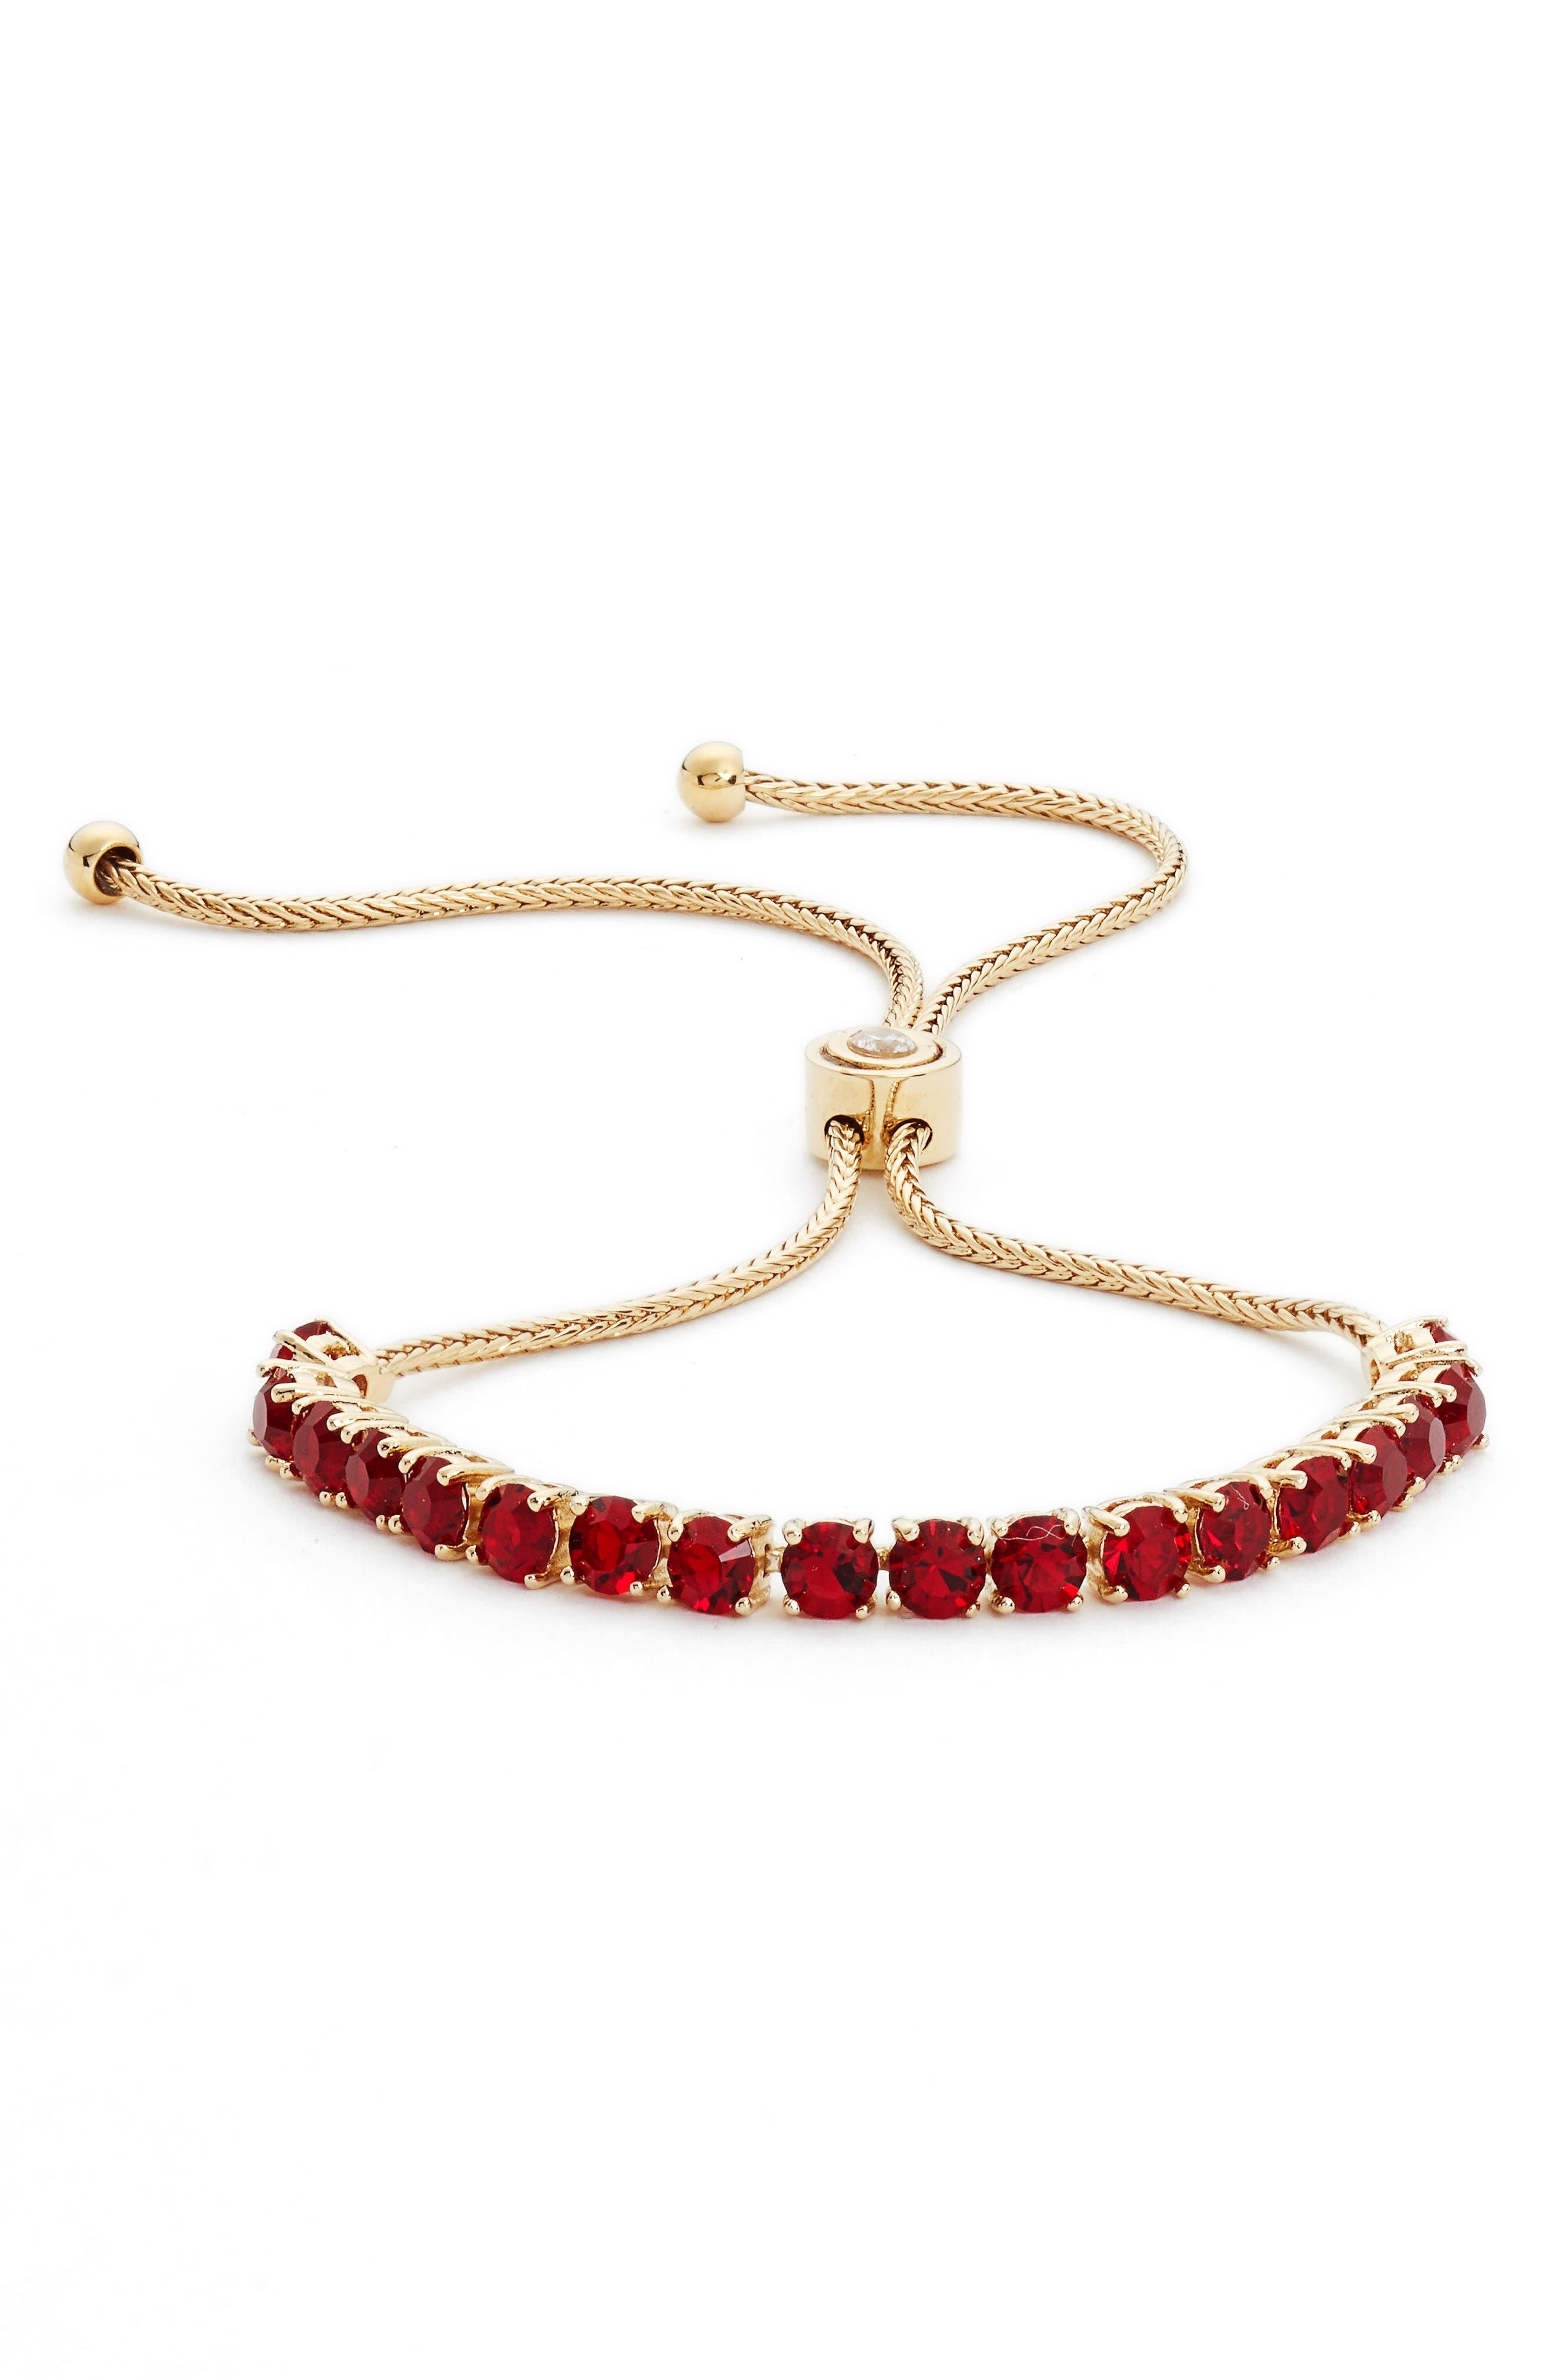 Alternate Image 1 Selected - Givenchy Adjustable Crystal Bracelet